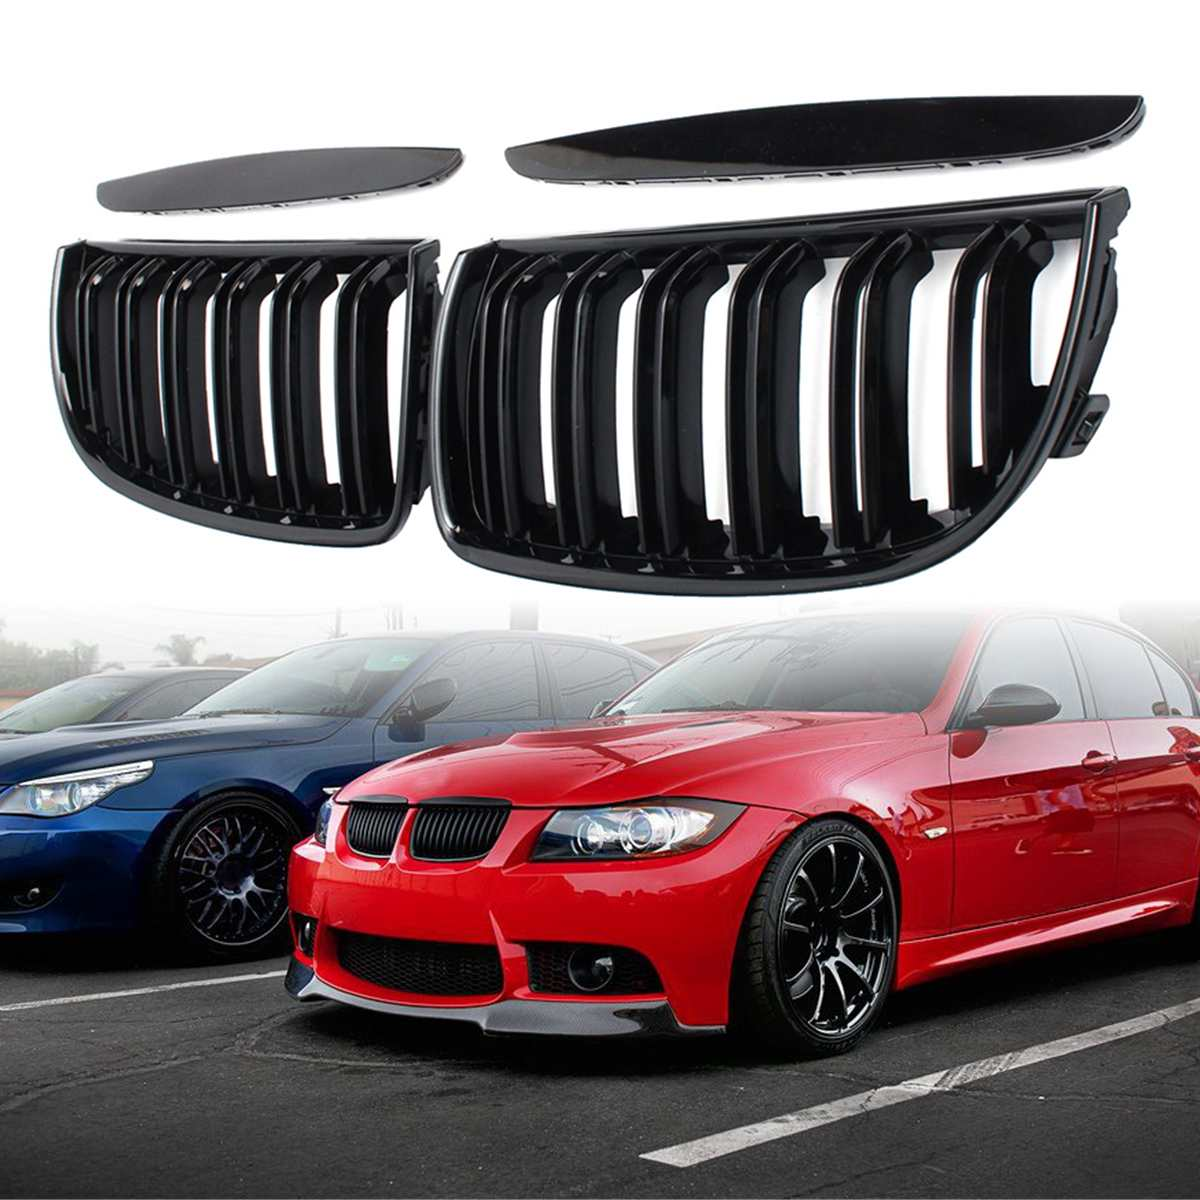 4 ชิ้น/เซ็ตคู่รถสีดำ M สไตล์ด้านหน้า Double SLAT กระจังหน้าสำหรับ BMW E90 E91 2005 2006 2007 2008 รถแข่ง Grills